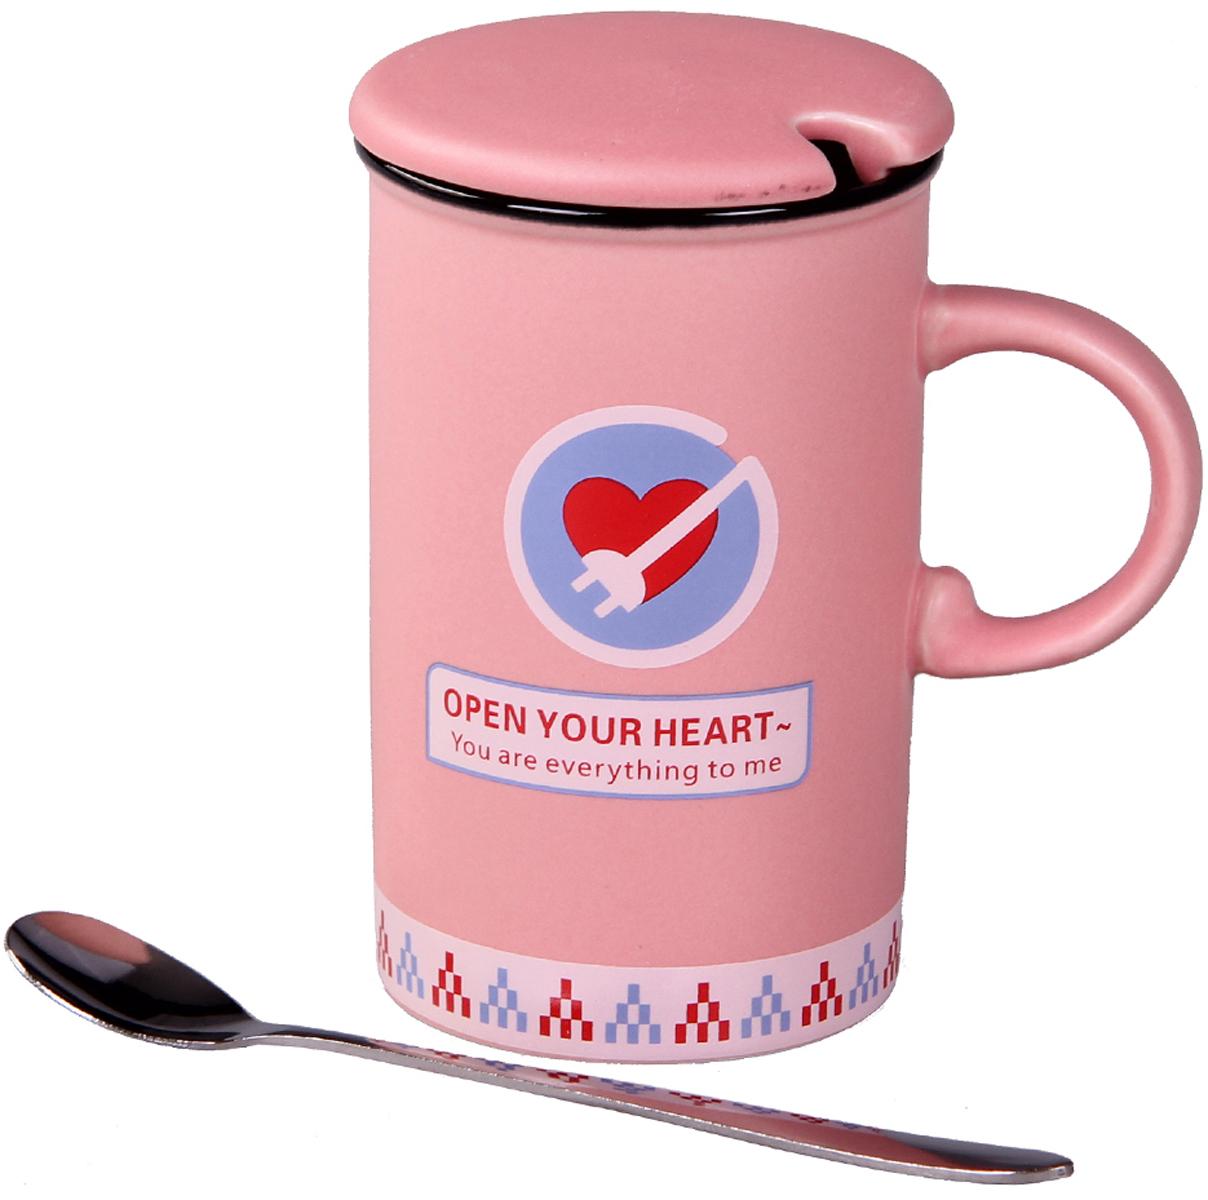 """Кружка с крышкой """"Patricia"""" выполнена из керамики высокого качества. Благодаря удобной крышке вы сможете наслаждаться любимым горячим напитком намного дольше. А ложка, поможет вам с легкостью размешать любимый напиток. Объем 350 мл. Не использовать абразивные вещества. Ручная мойка."""